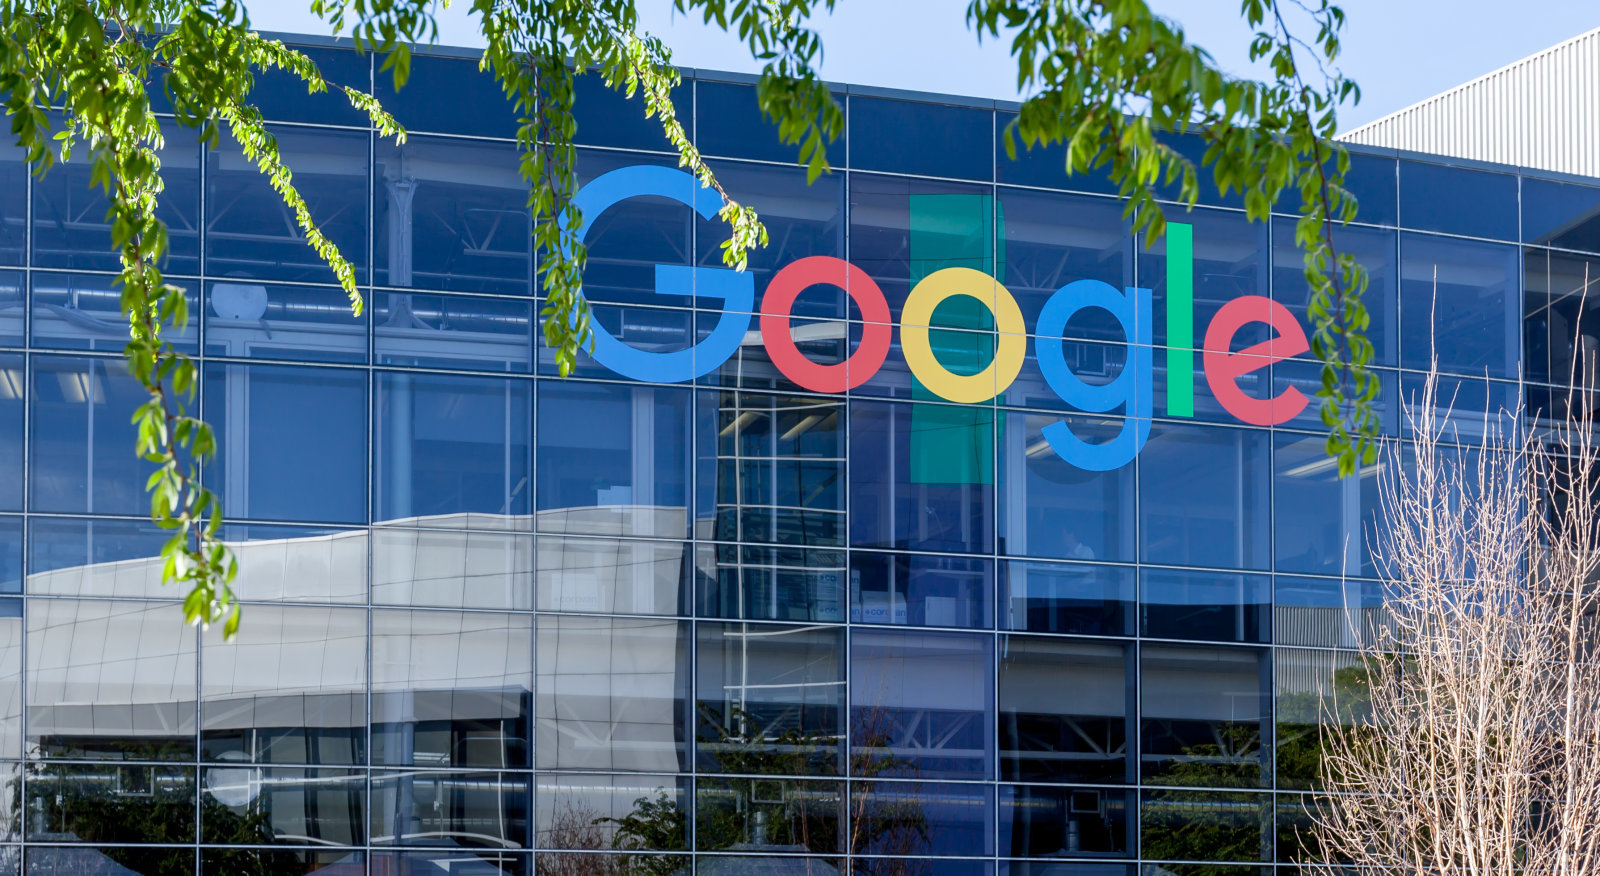 谷歌宣布开源创新隐私保护技术 面向所有开发者